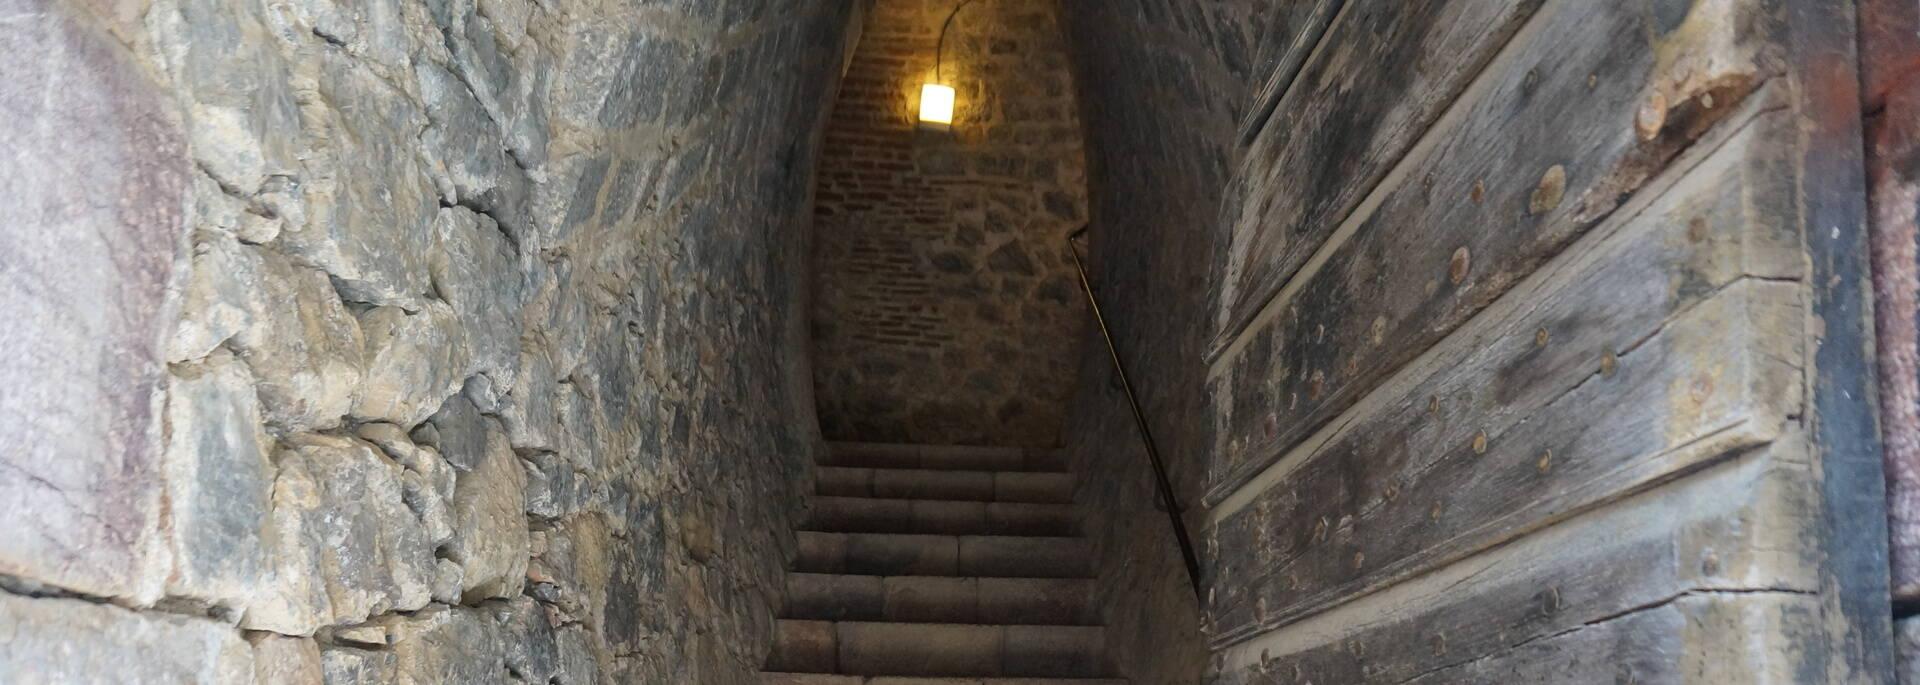 La dernière porte avant d'arriver au Fort Libéria